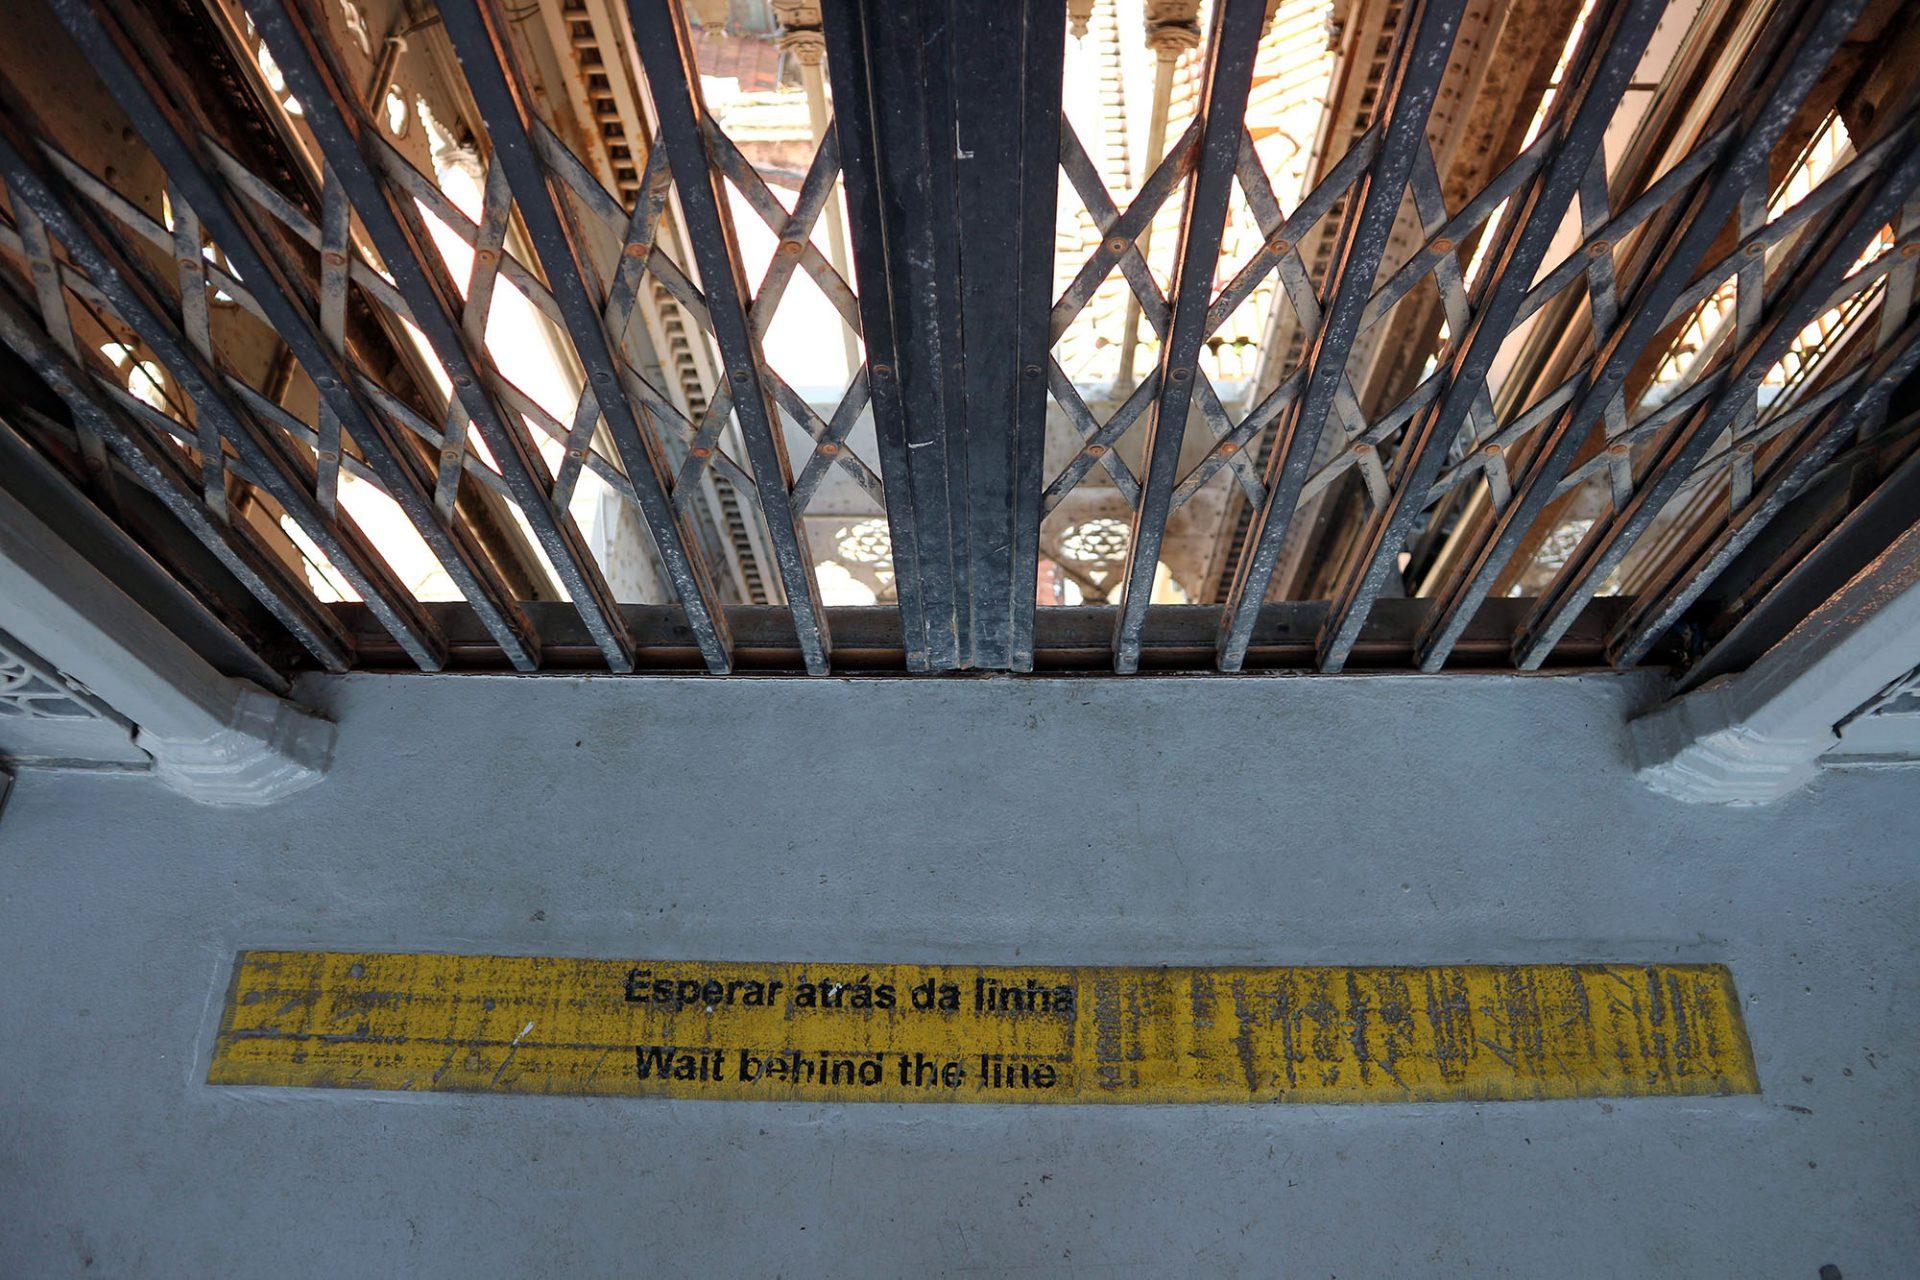 Elevador de Santa Justa.  Stählerne Scherentüren schützen den Aufzugsschacht.